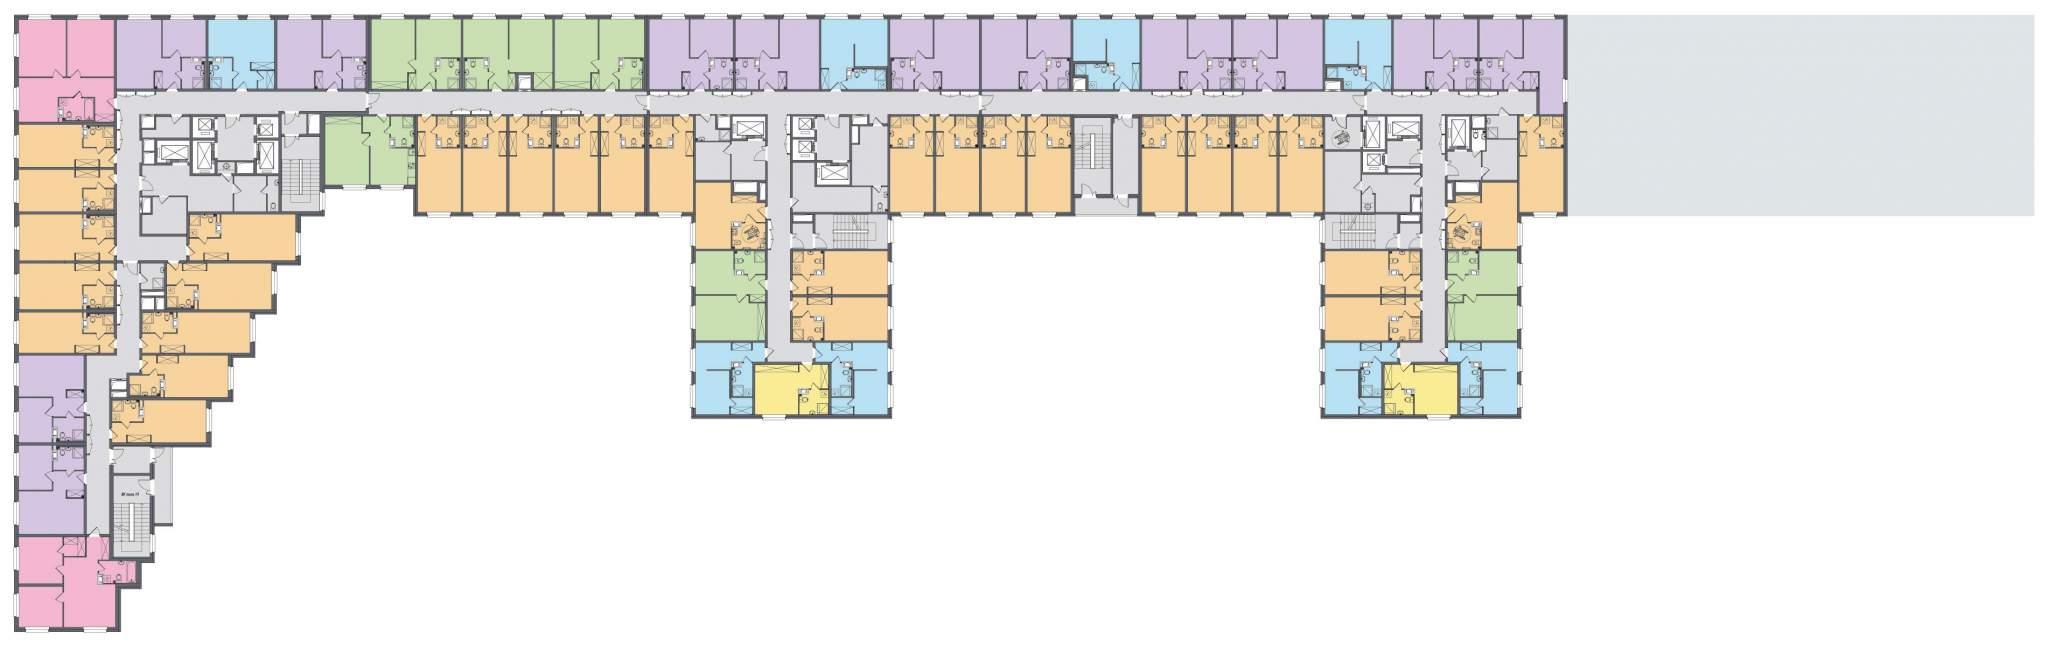 Продажа 1-комнатной новостройки, Санкт-Петербург, Витебский проспект,  д.101к1